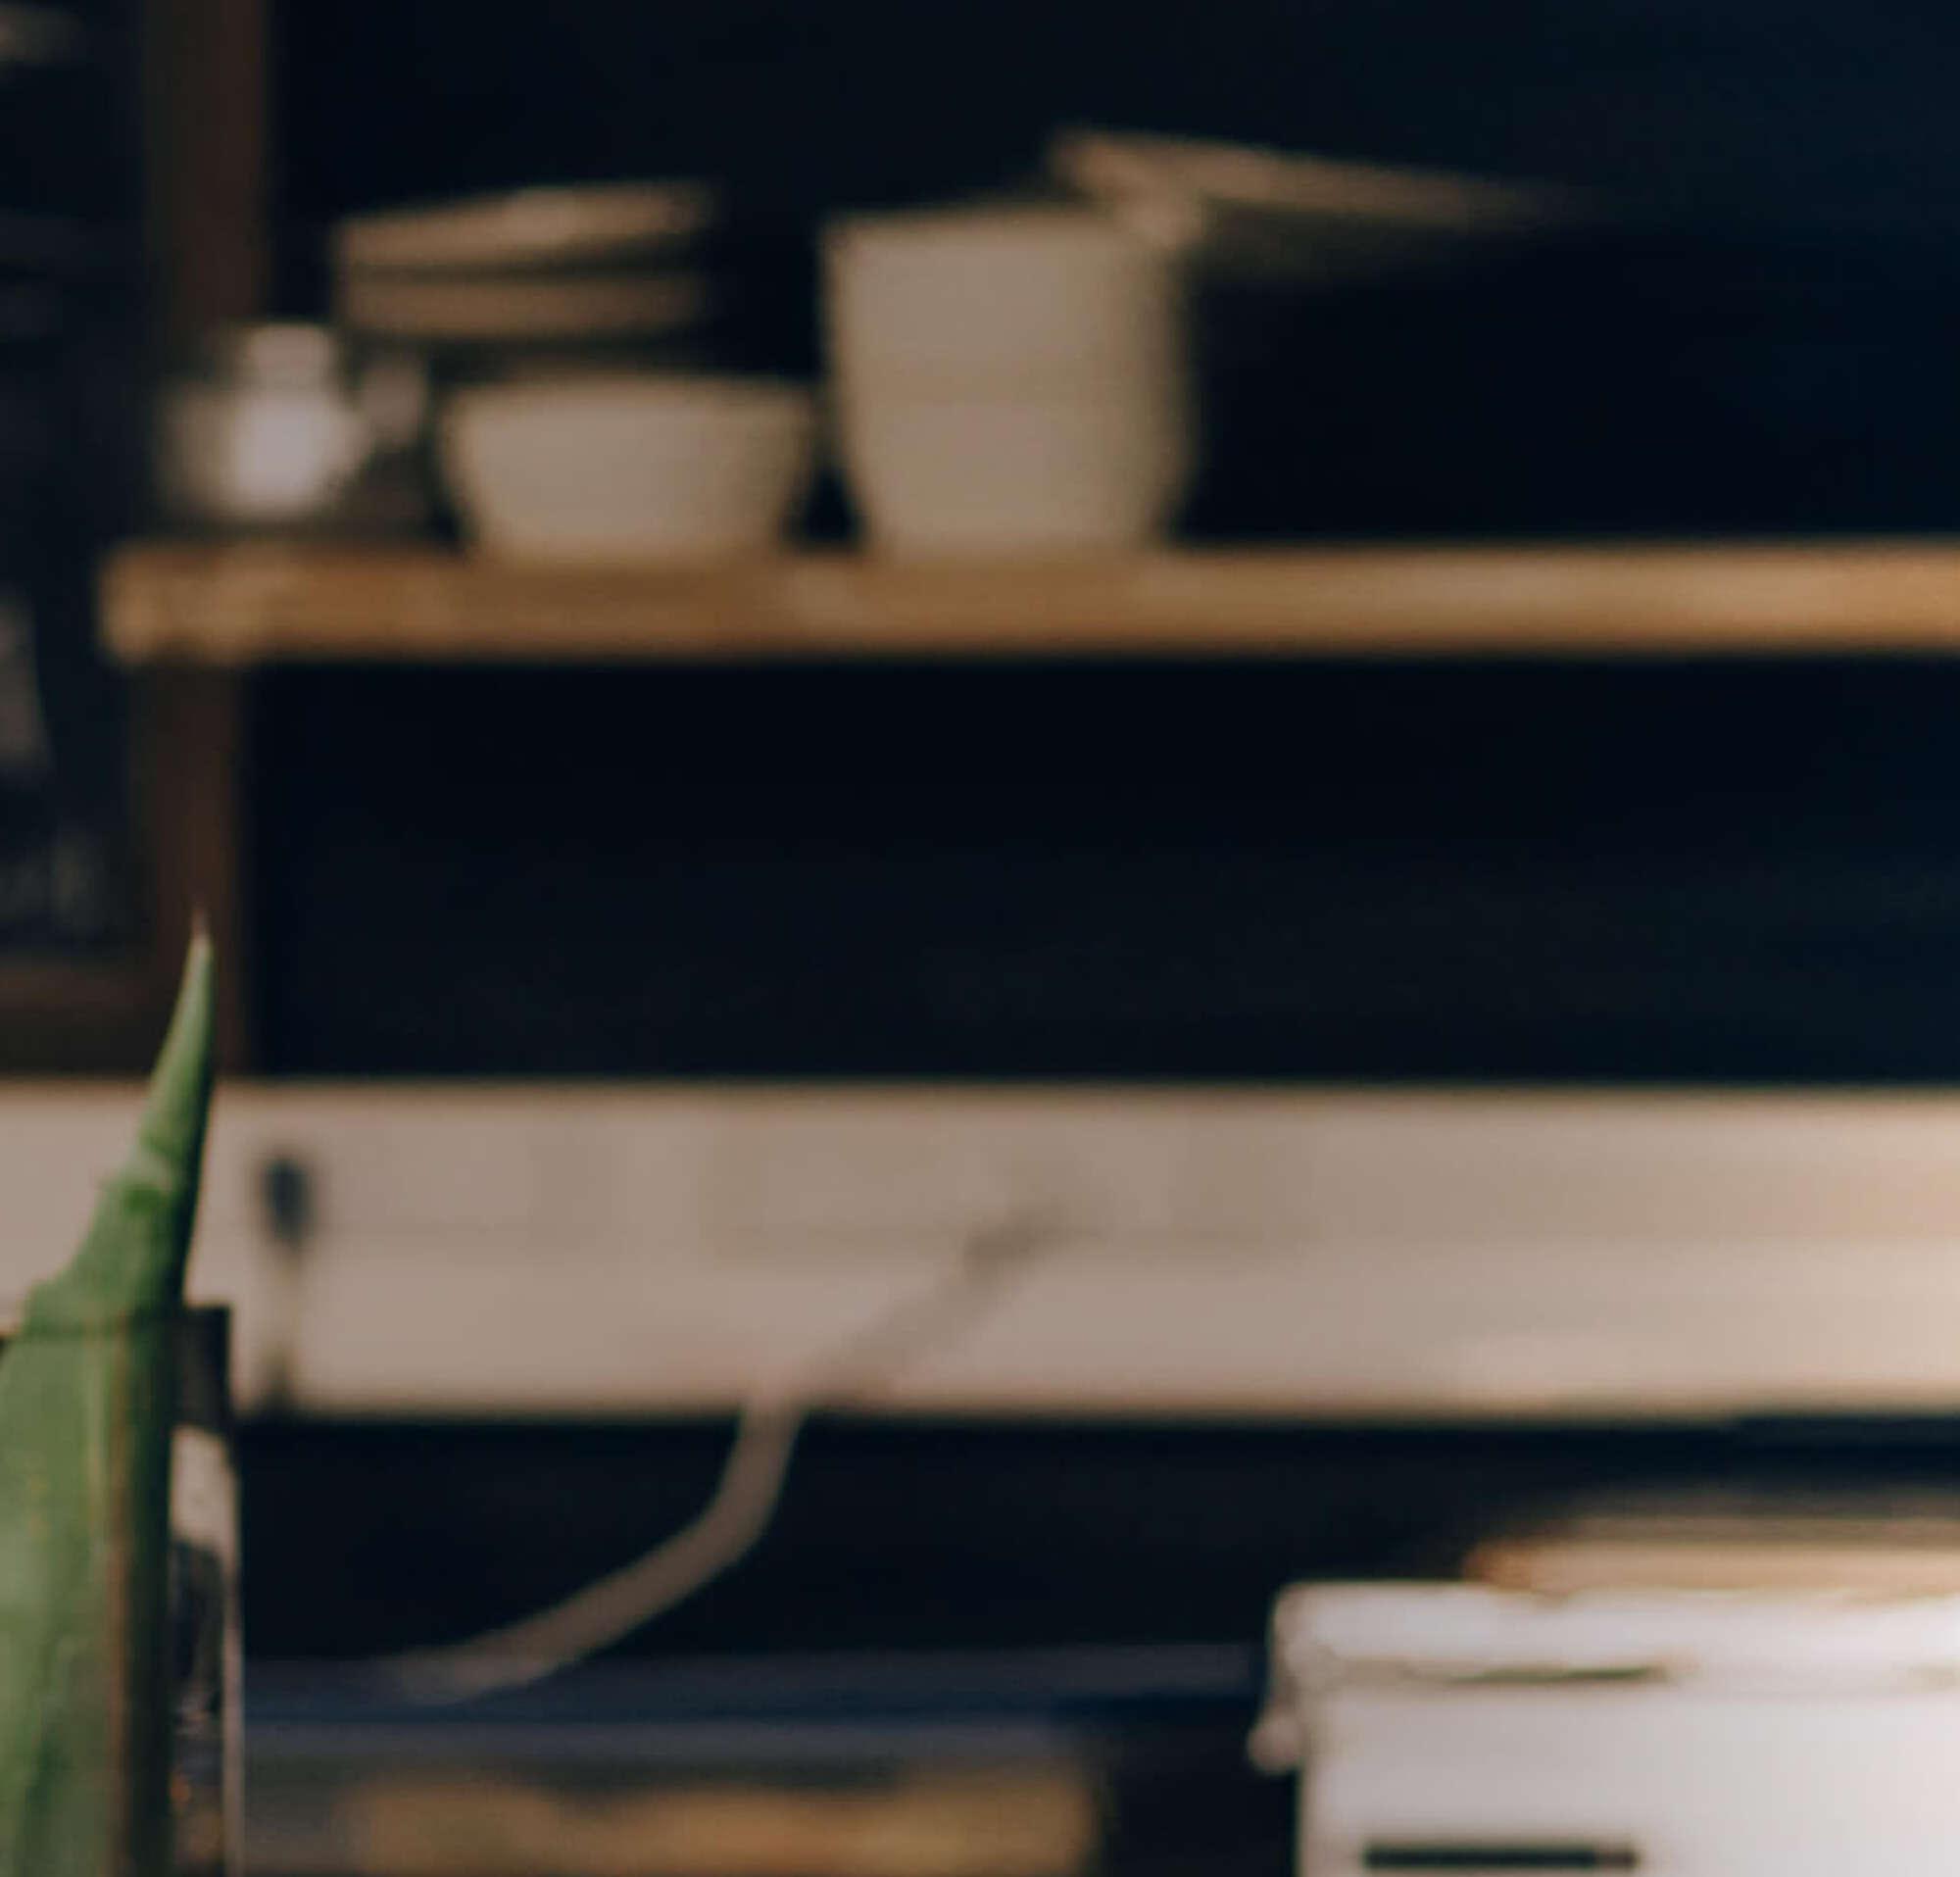 Une femme dans la cuisine d'un restaurant, regarde une tablette